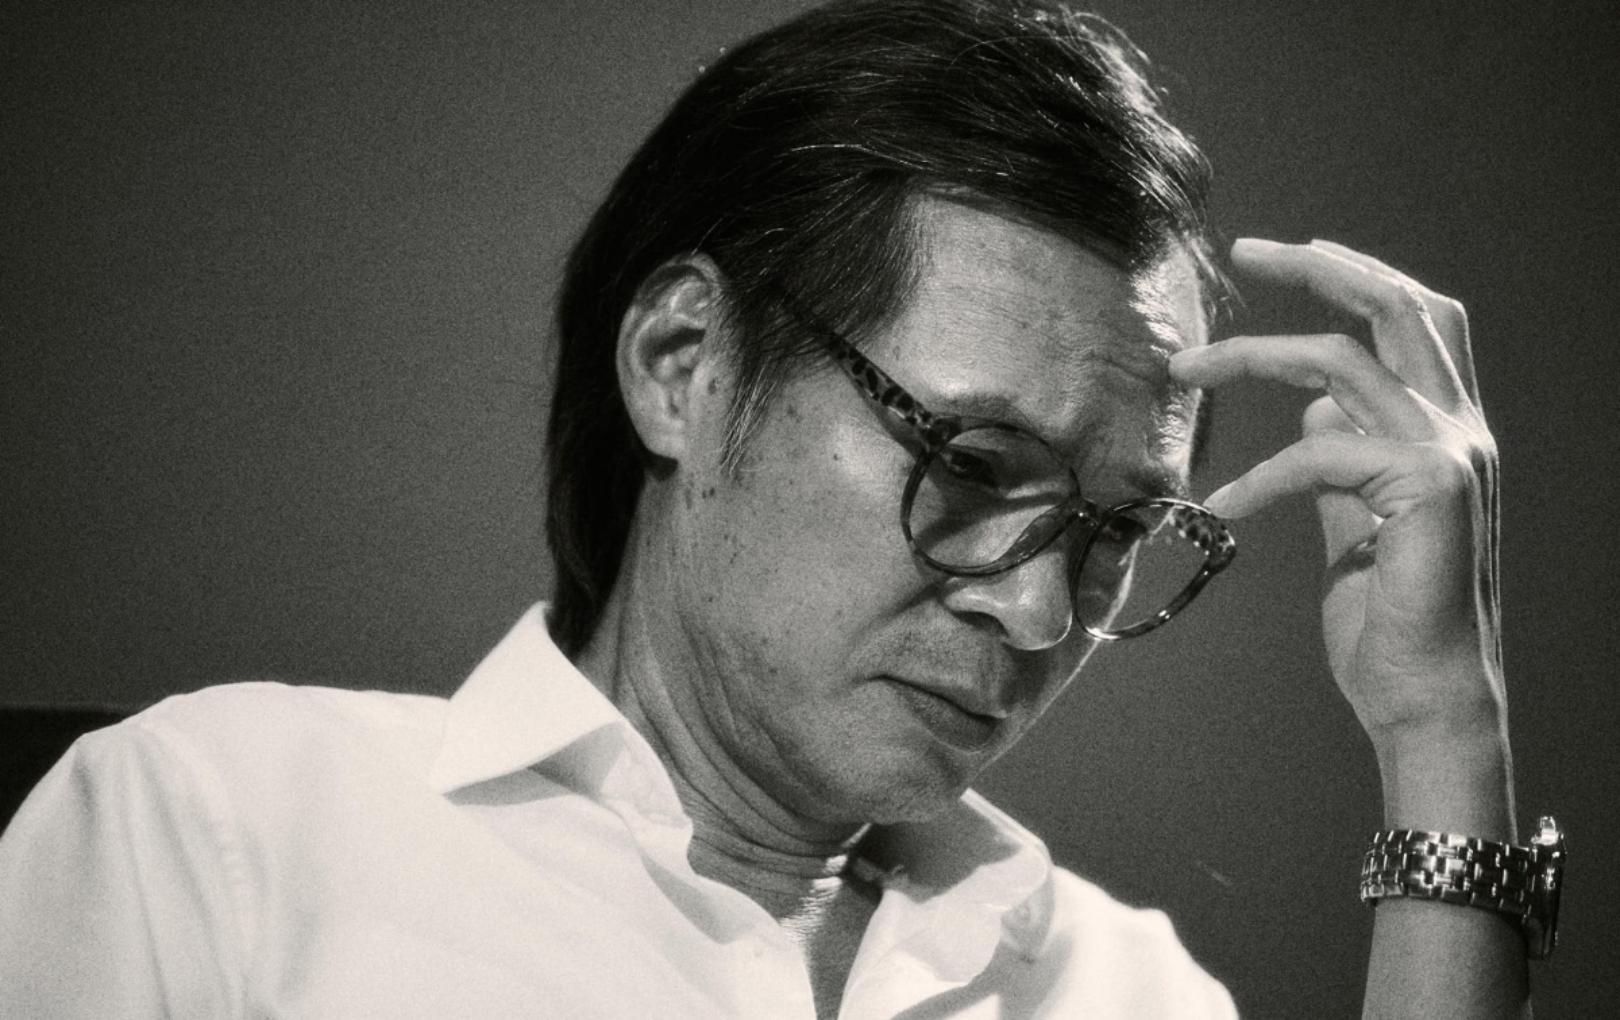 NSƯT Trần Lực chờ đợi 10 năm để tái xuất màn bạc trong vai diễn Trịnh Công Sơn tuổi trung niên